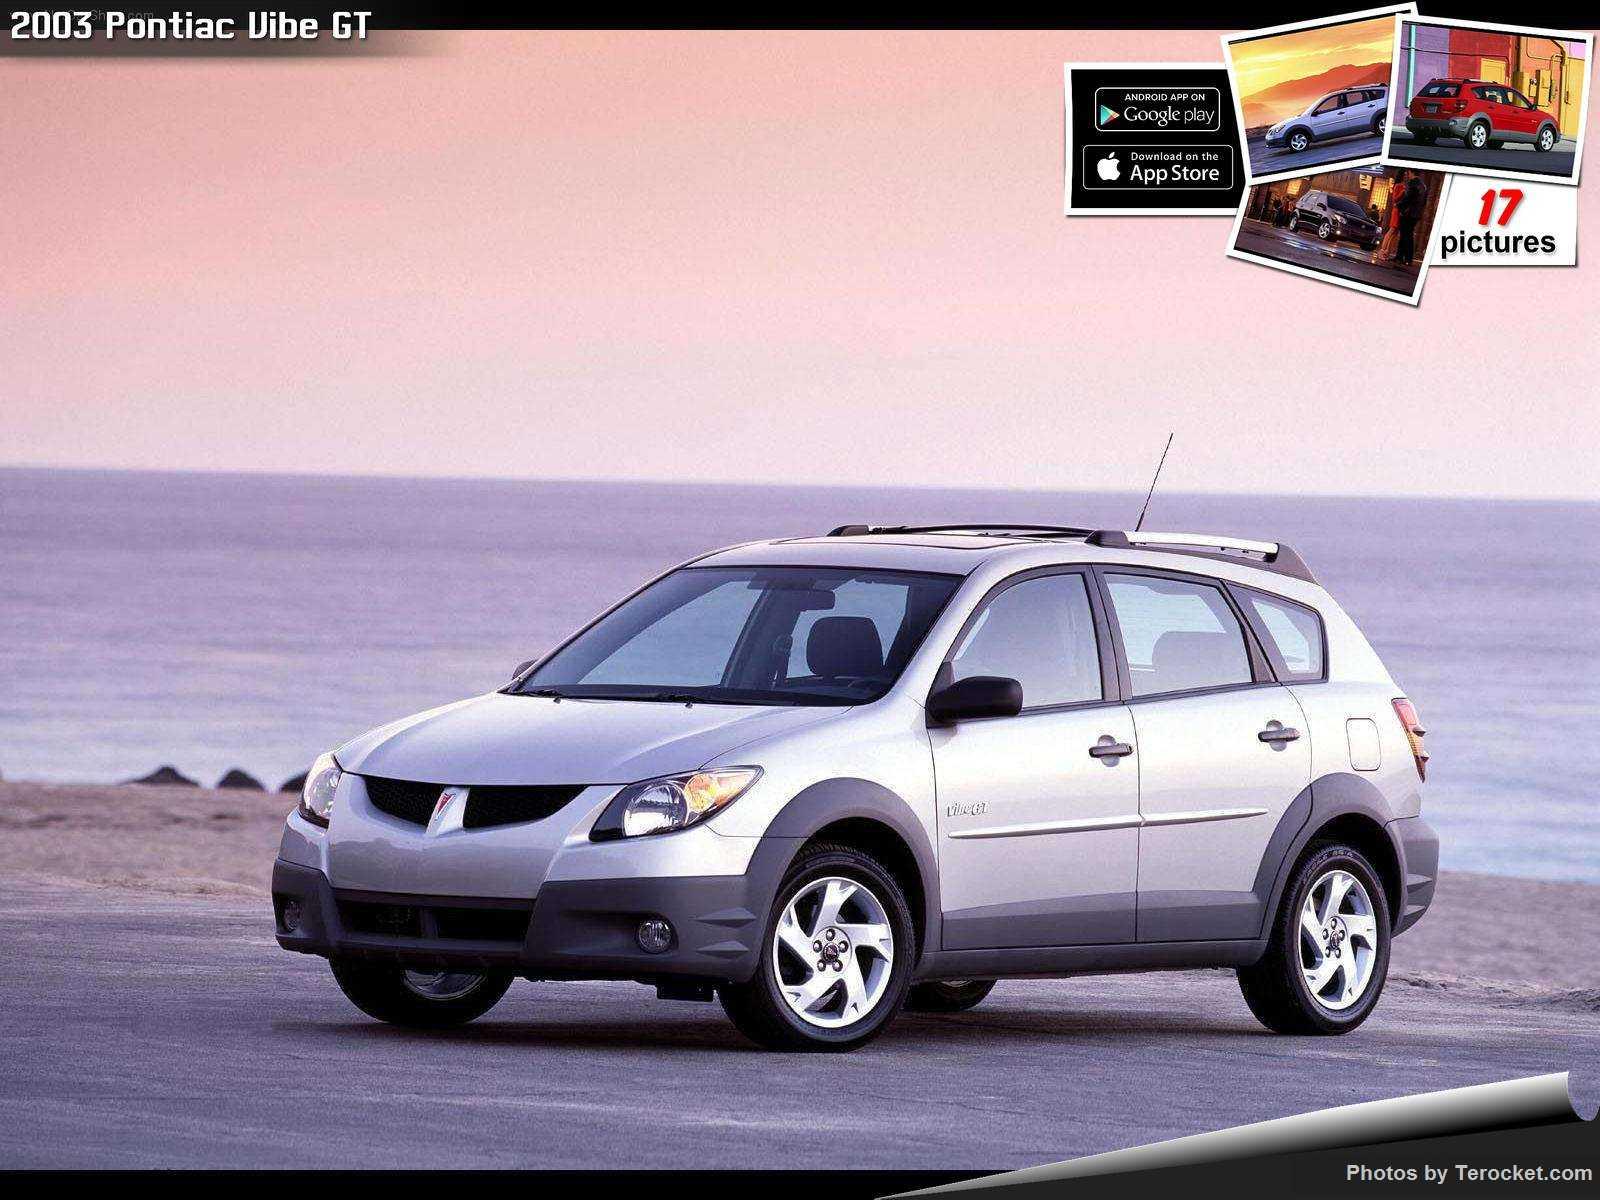 Hình ảnh xe ô tô Pontiac Vibe GT 2003 & nội ngoại thất